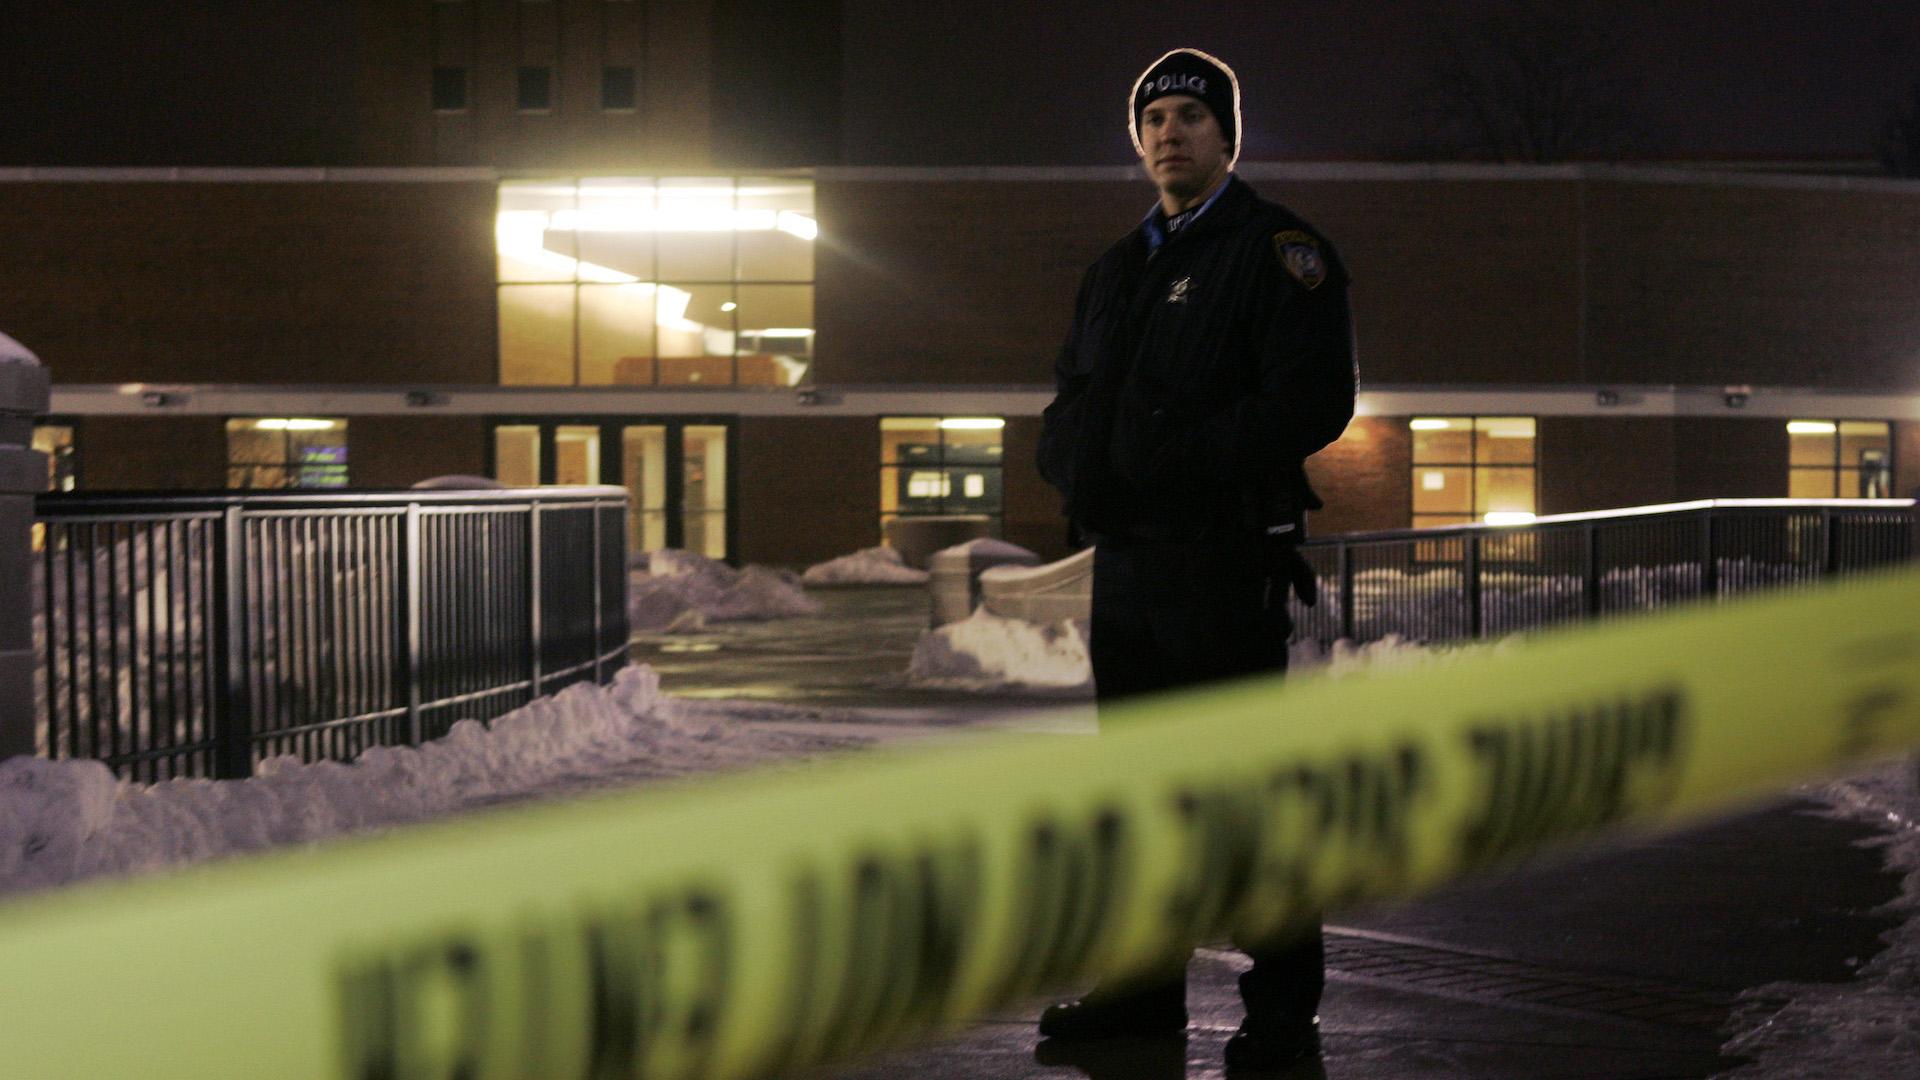 En fotos: Hace 11 años estudiantes vivieron un tiroteo masivo en Northern Illinois University